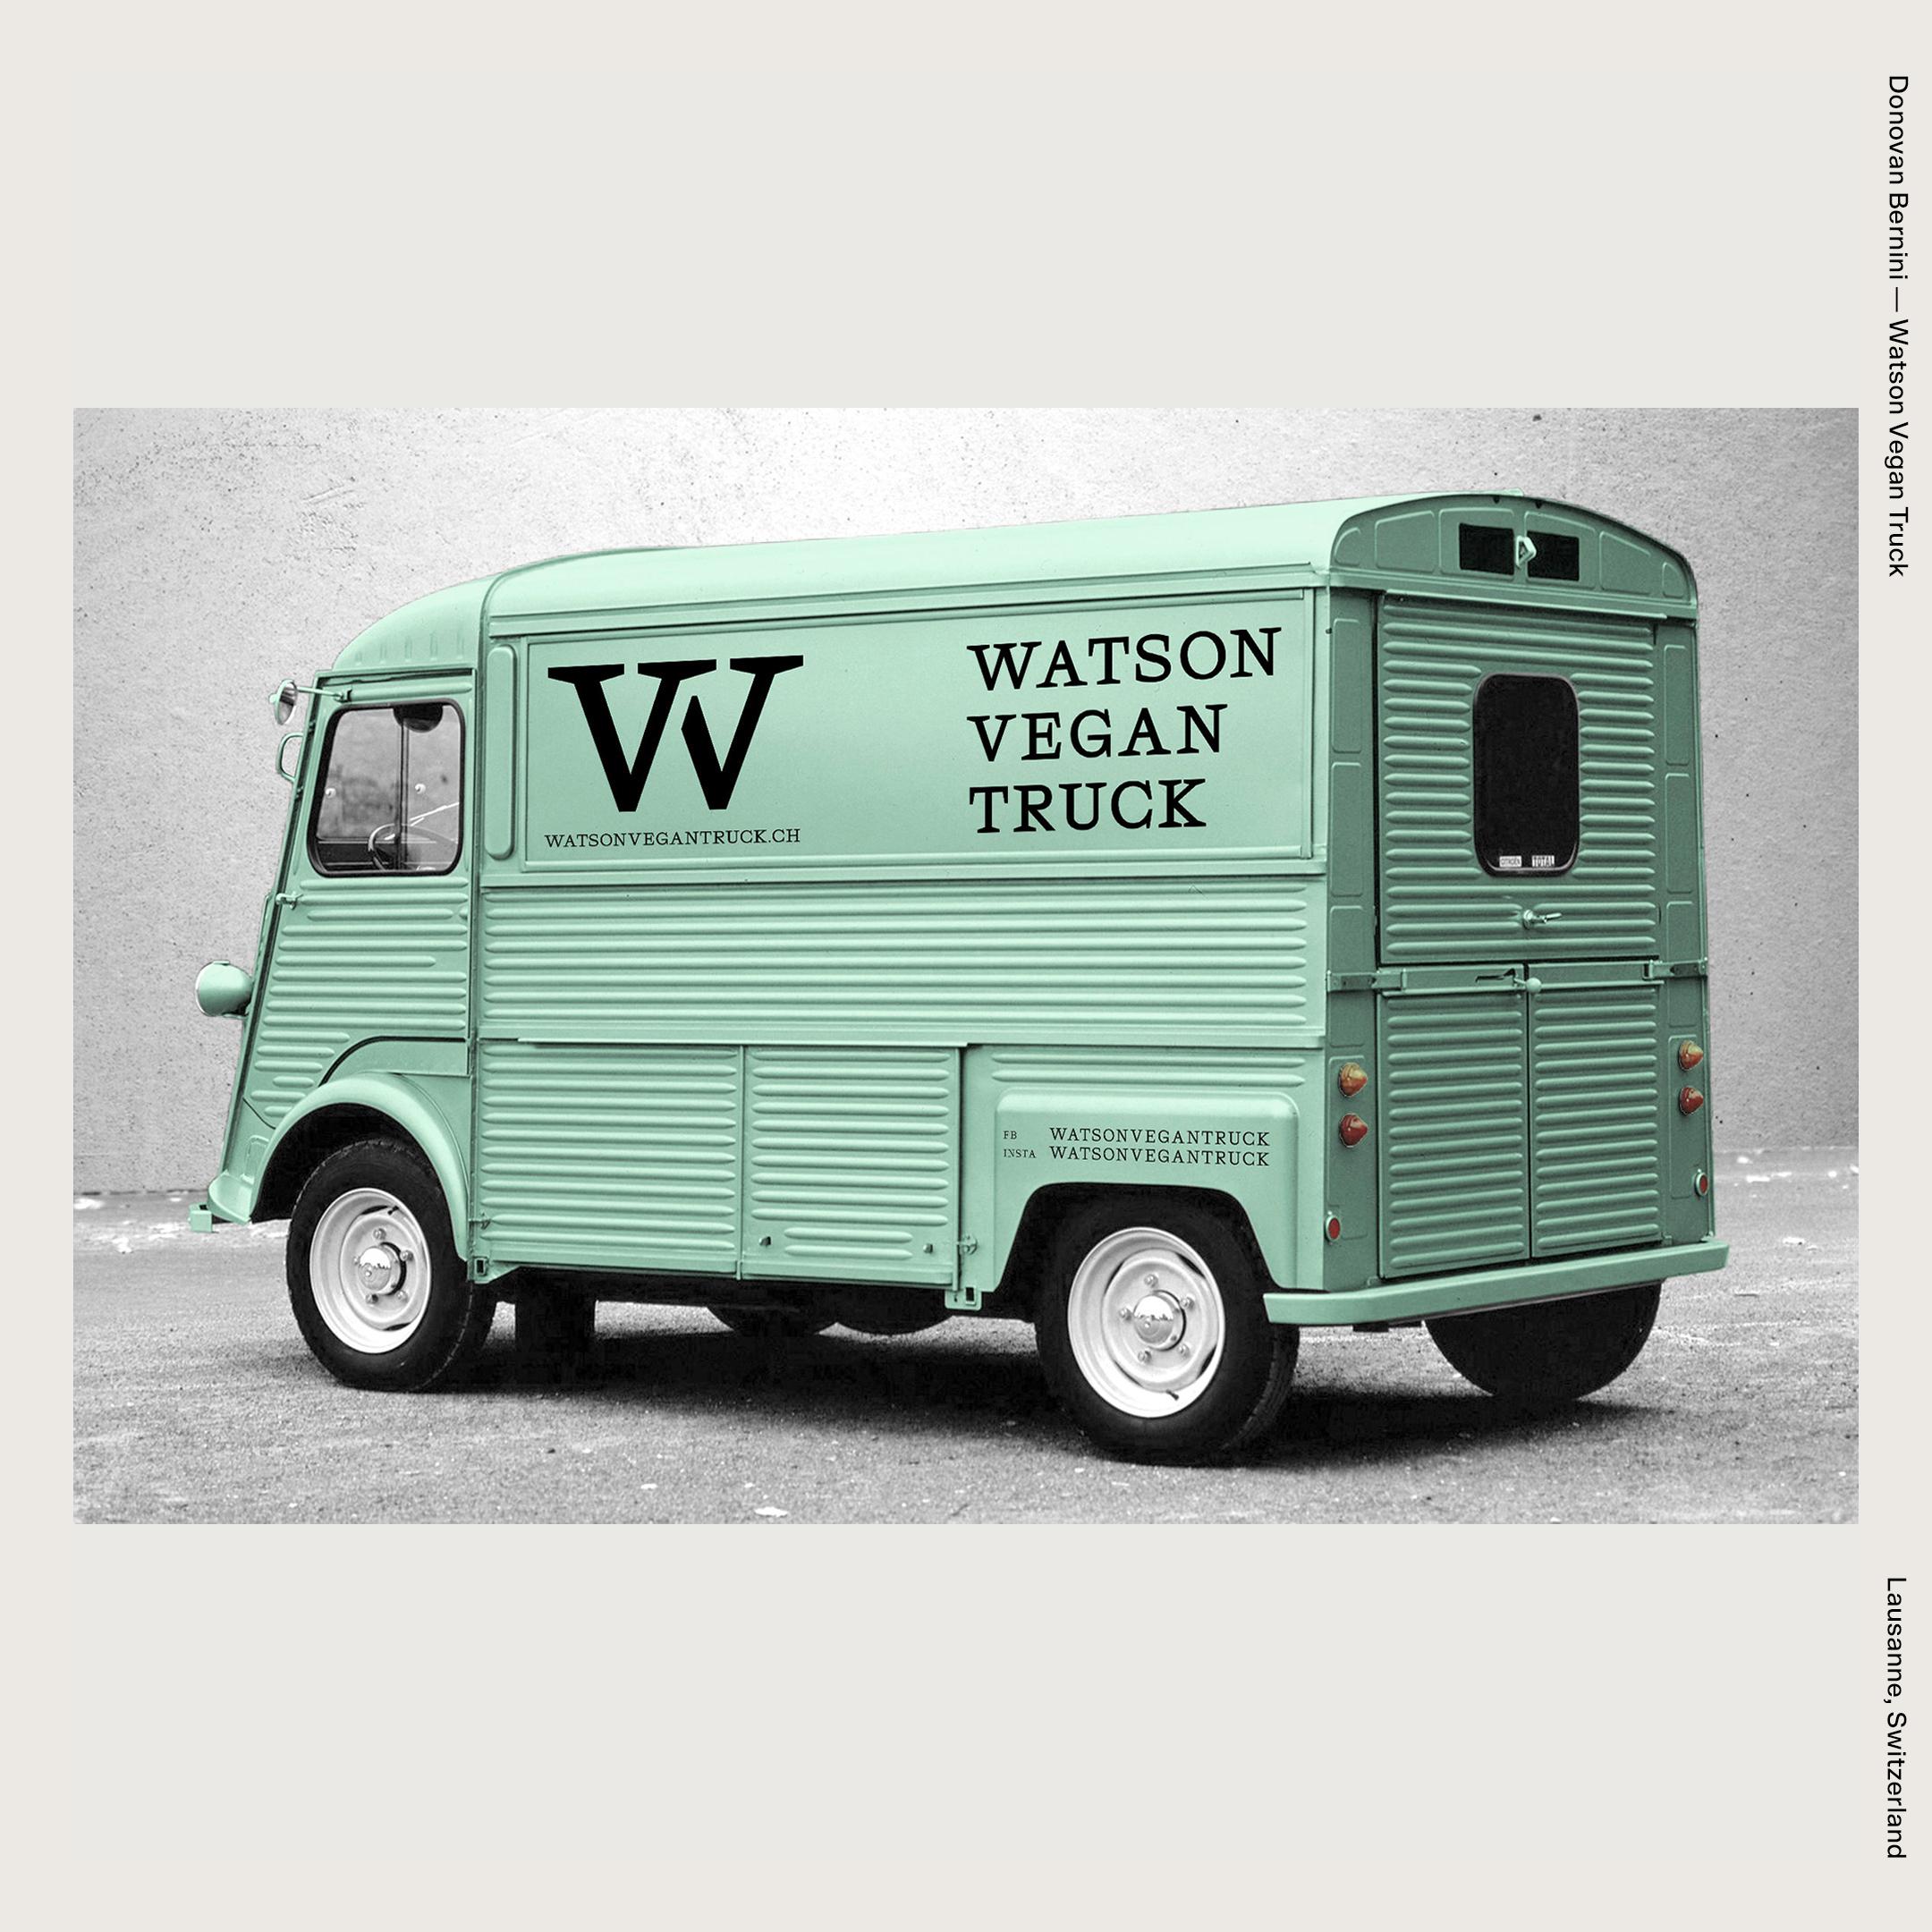 Donovan Bernini —Watson Vegan Truck